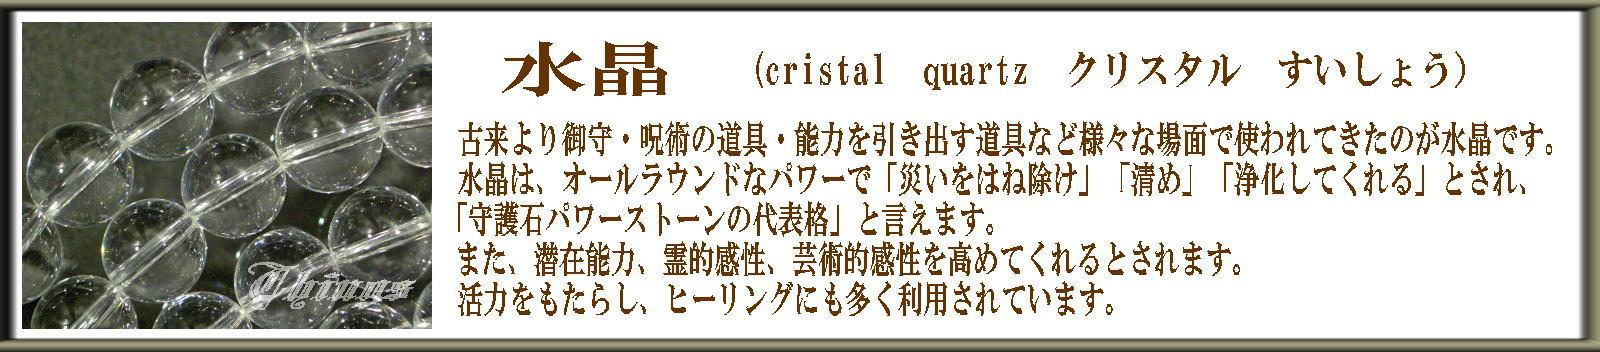 ◆水晶 cristal quartz クリスタル すいしょう◆